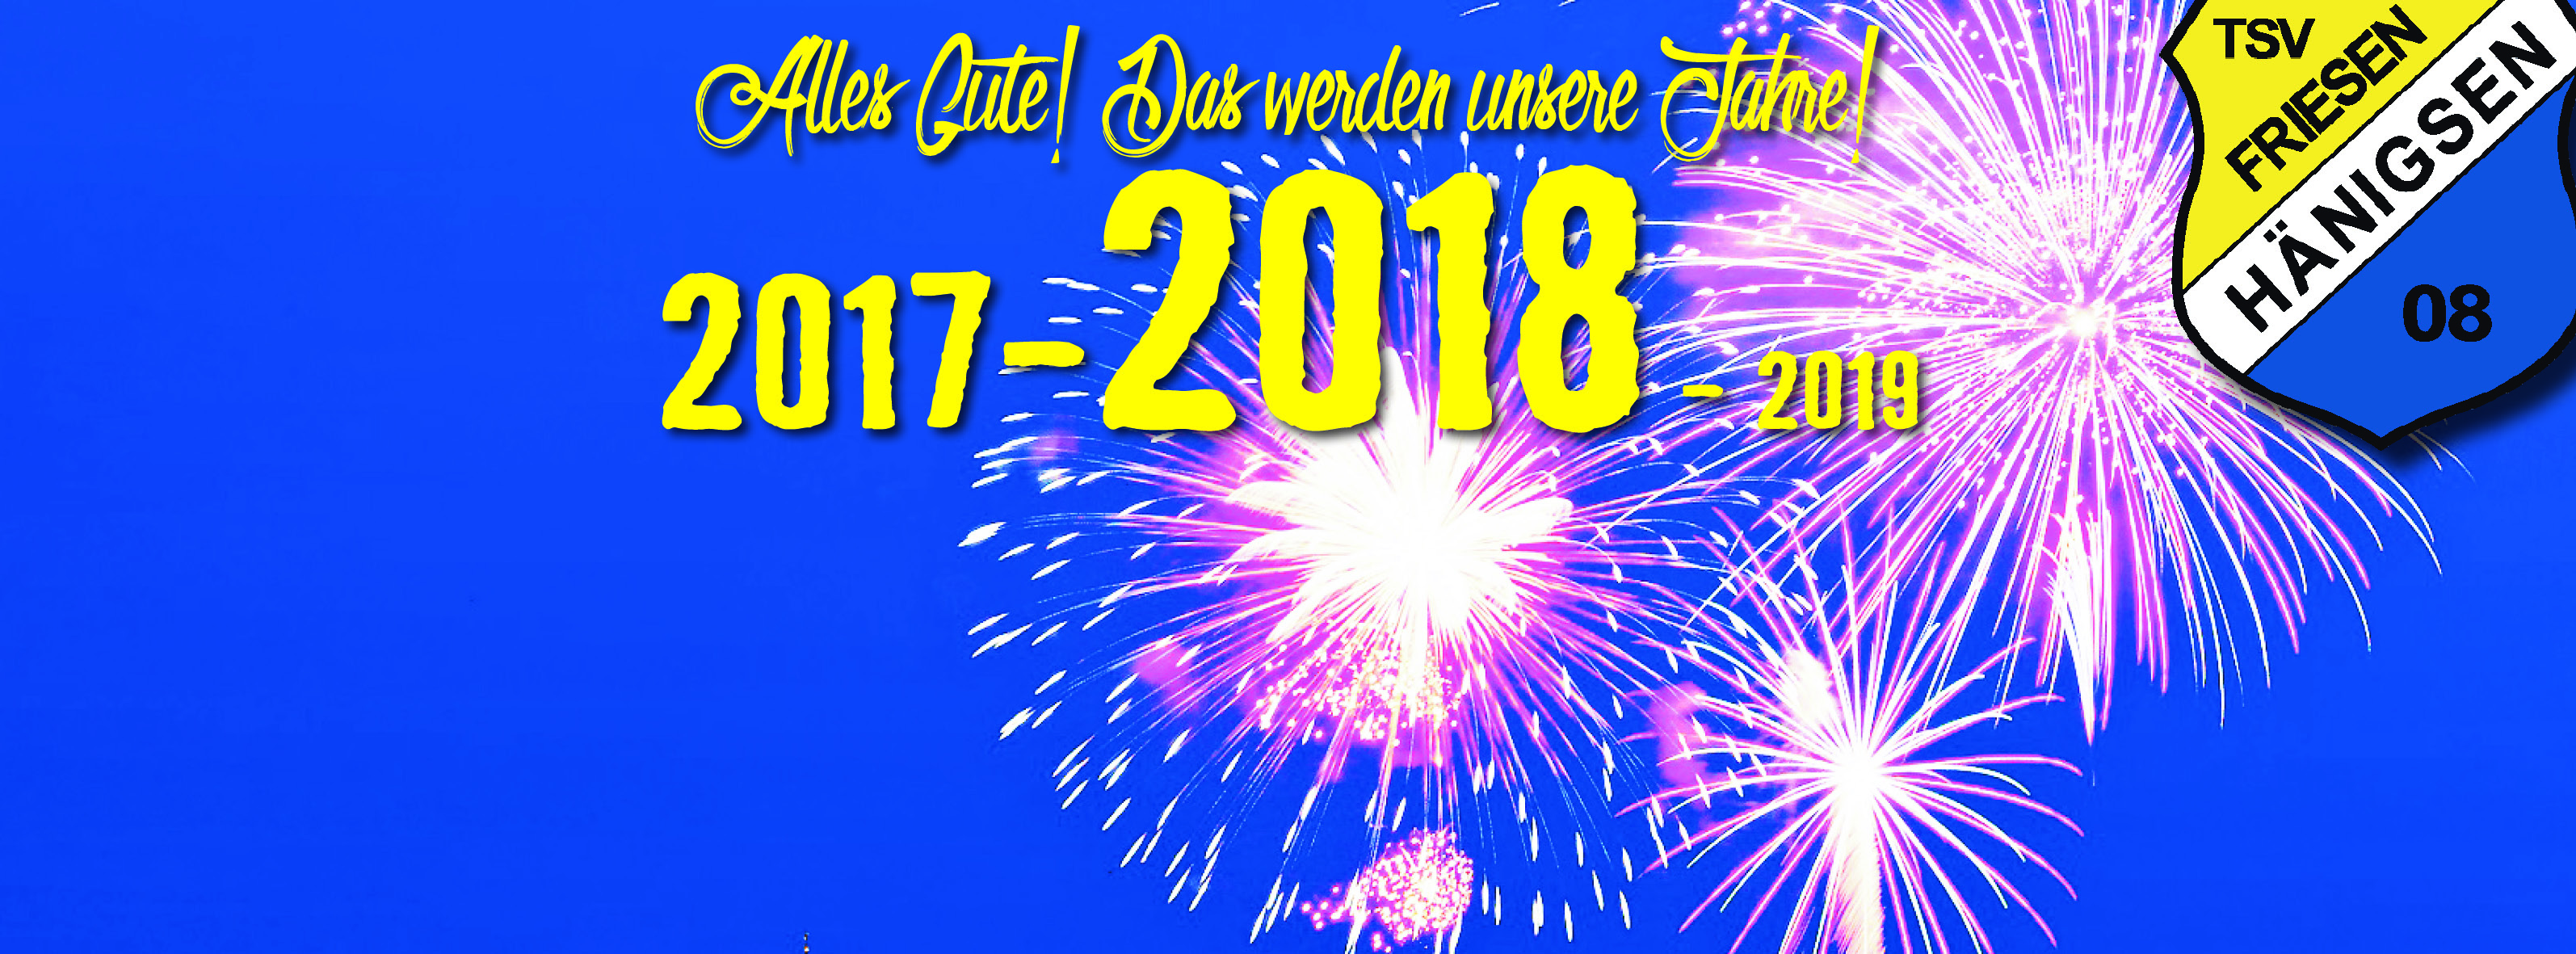 Guten Rutsch und frohes neues Jahr 2018 wünschen die Fußball des TSV ...